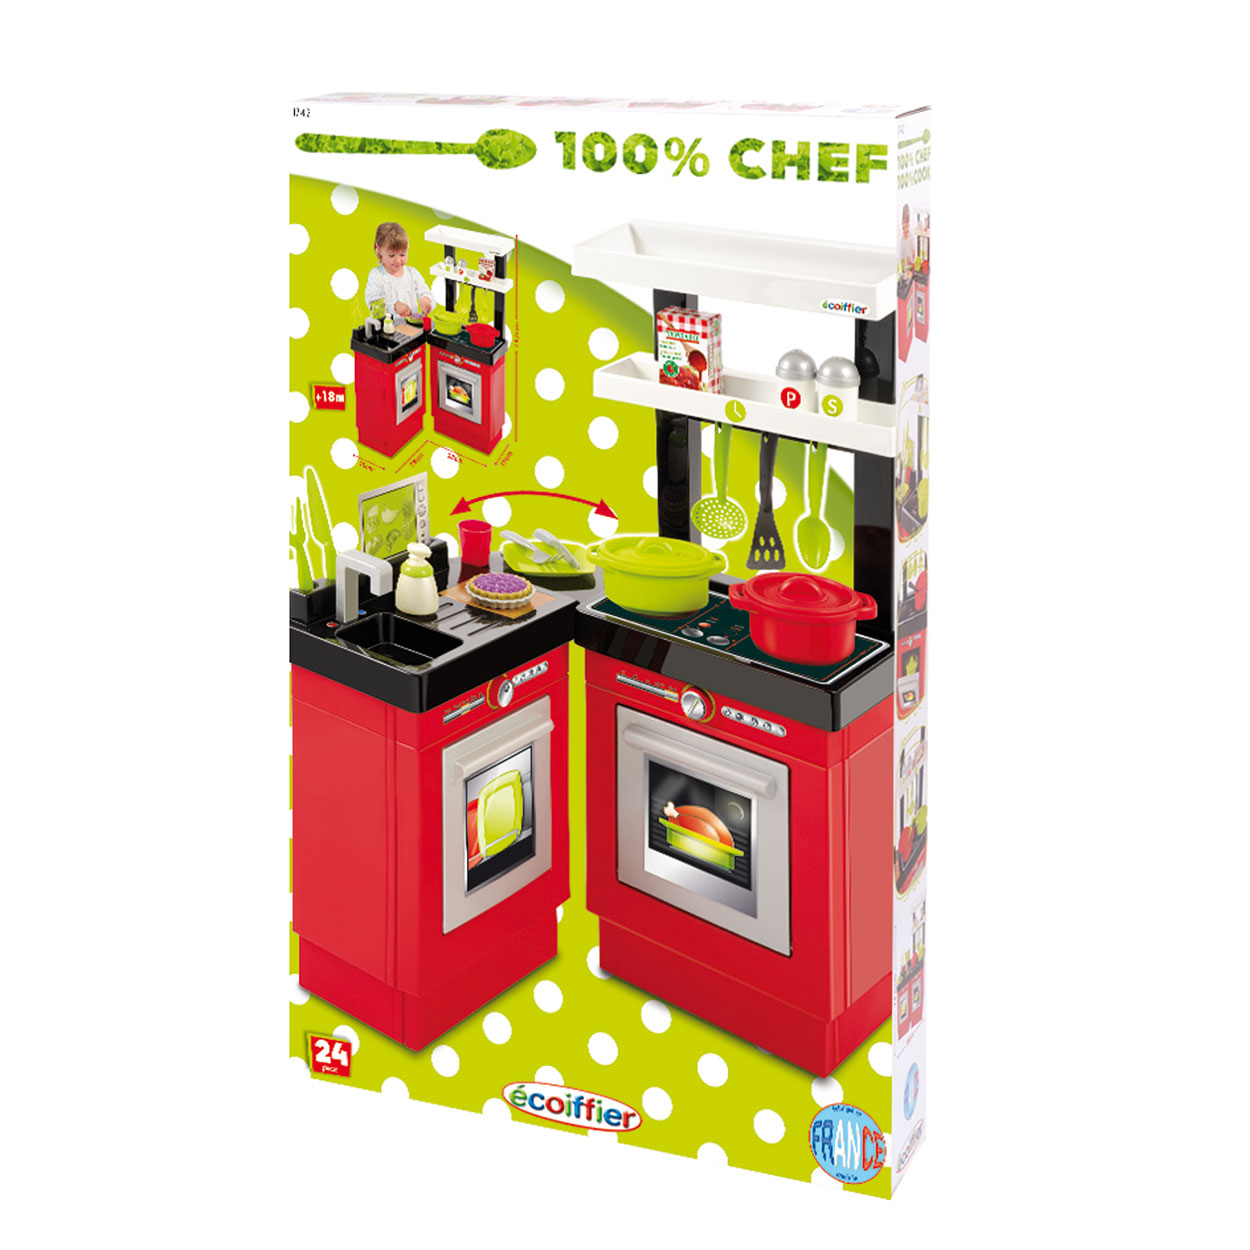 Ecoiffier 100% Chef Keuken online kopen Lobbes nl